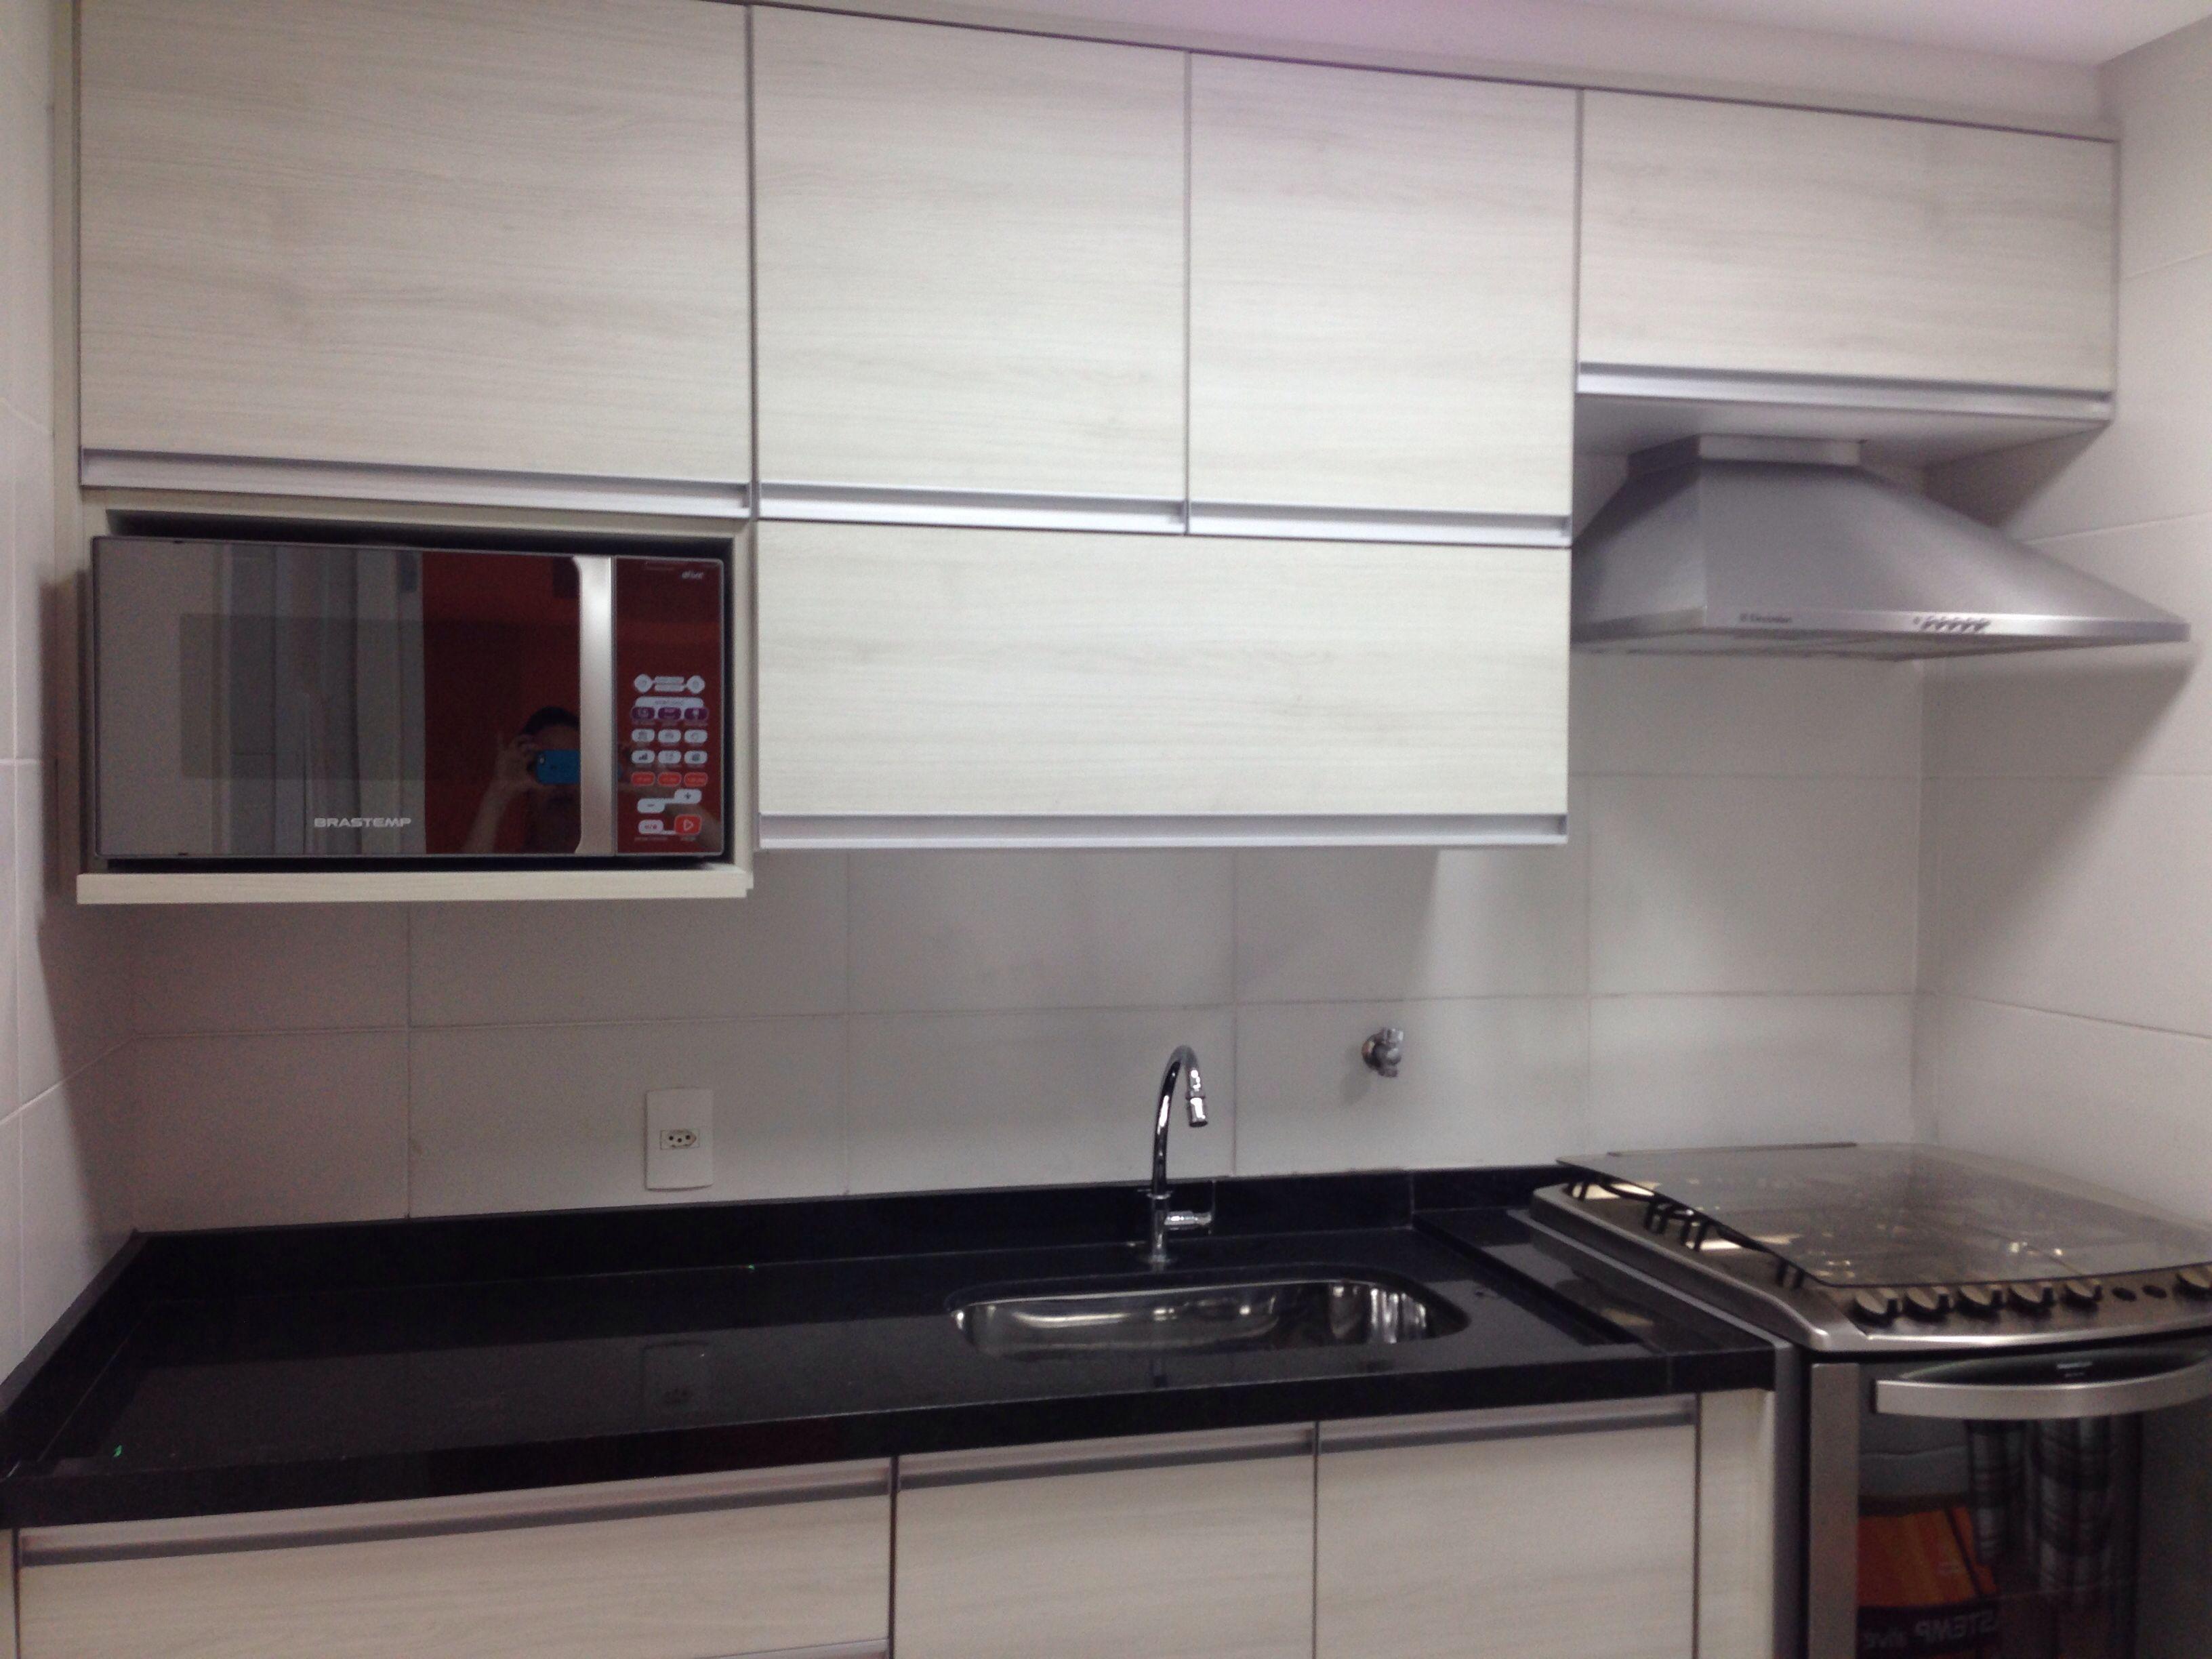 Cozinha Quase Pronta Nicho Do Microondas Cozinha Embutida